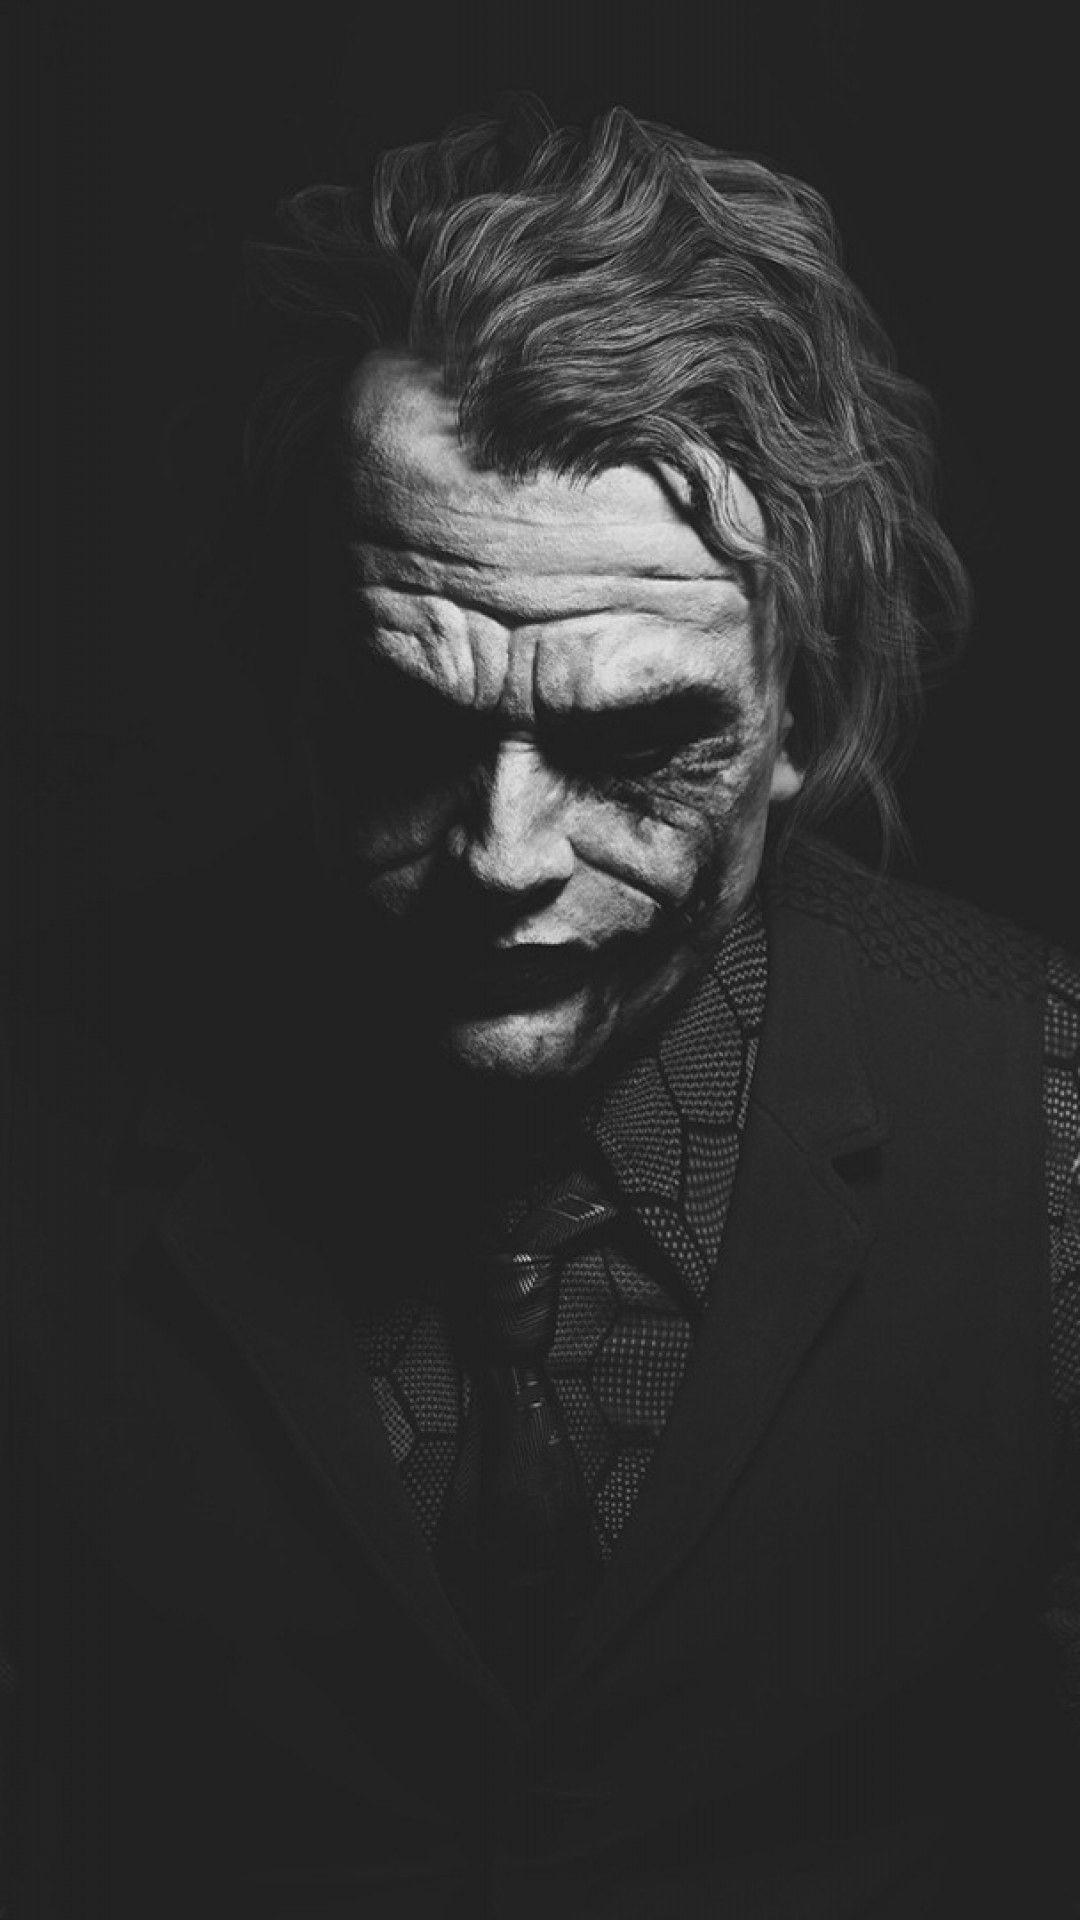 Batman Joker Wallpapers HD Wallpaper Collections